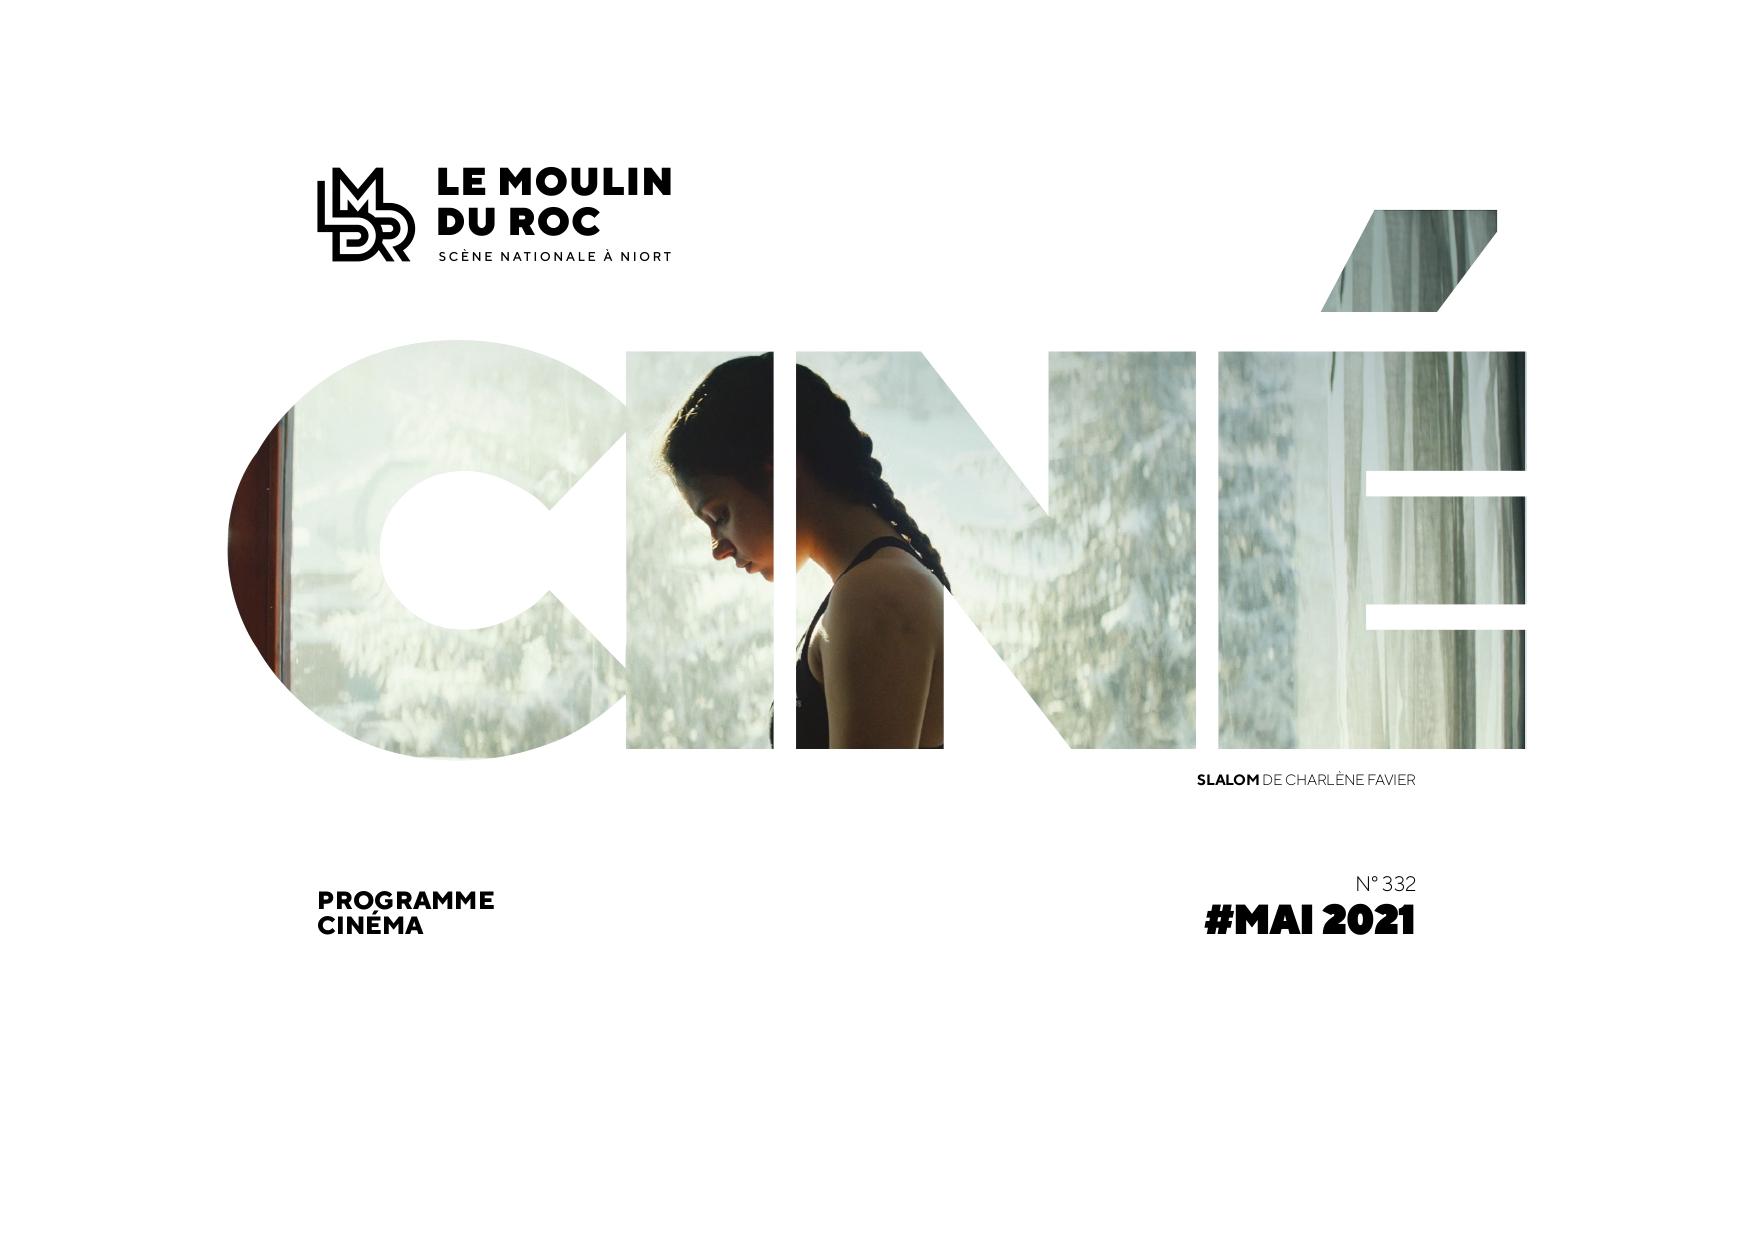 Programme cinéma Le Moulin du Roc à Niort - Mars 2021